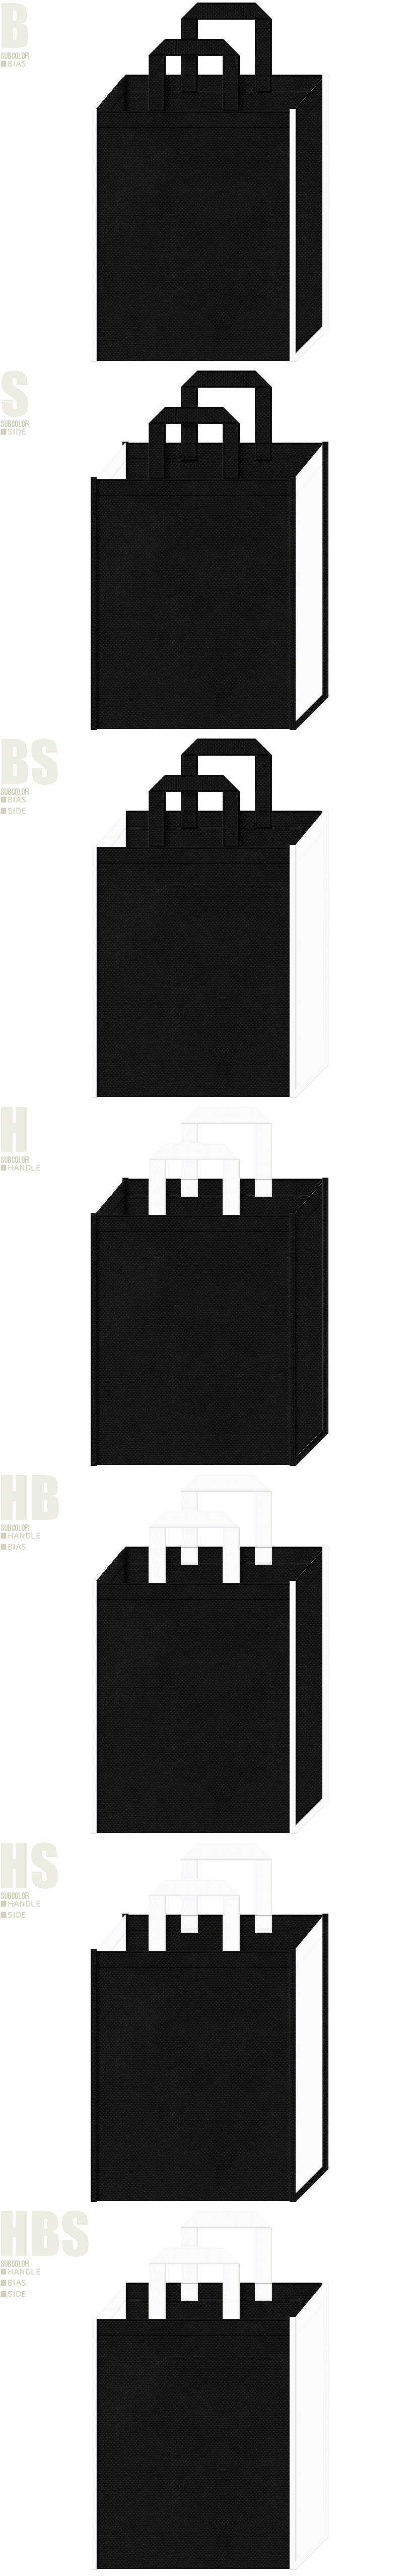 黒色と白色、7パターンの不織布トートバッグ配色デザイン例。自動車イベント・タイヤ・カー用品の展示会用バッグにお奨めです。